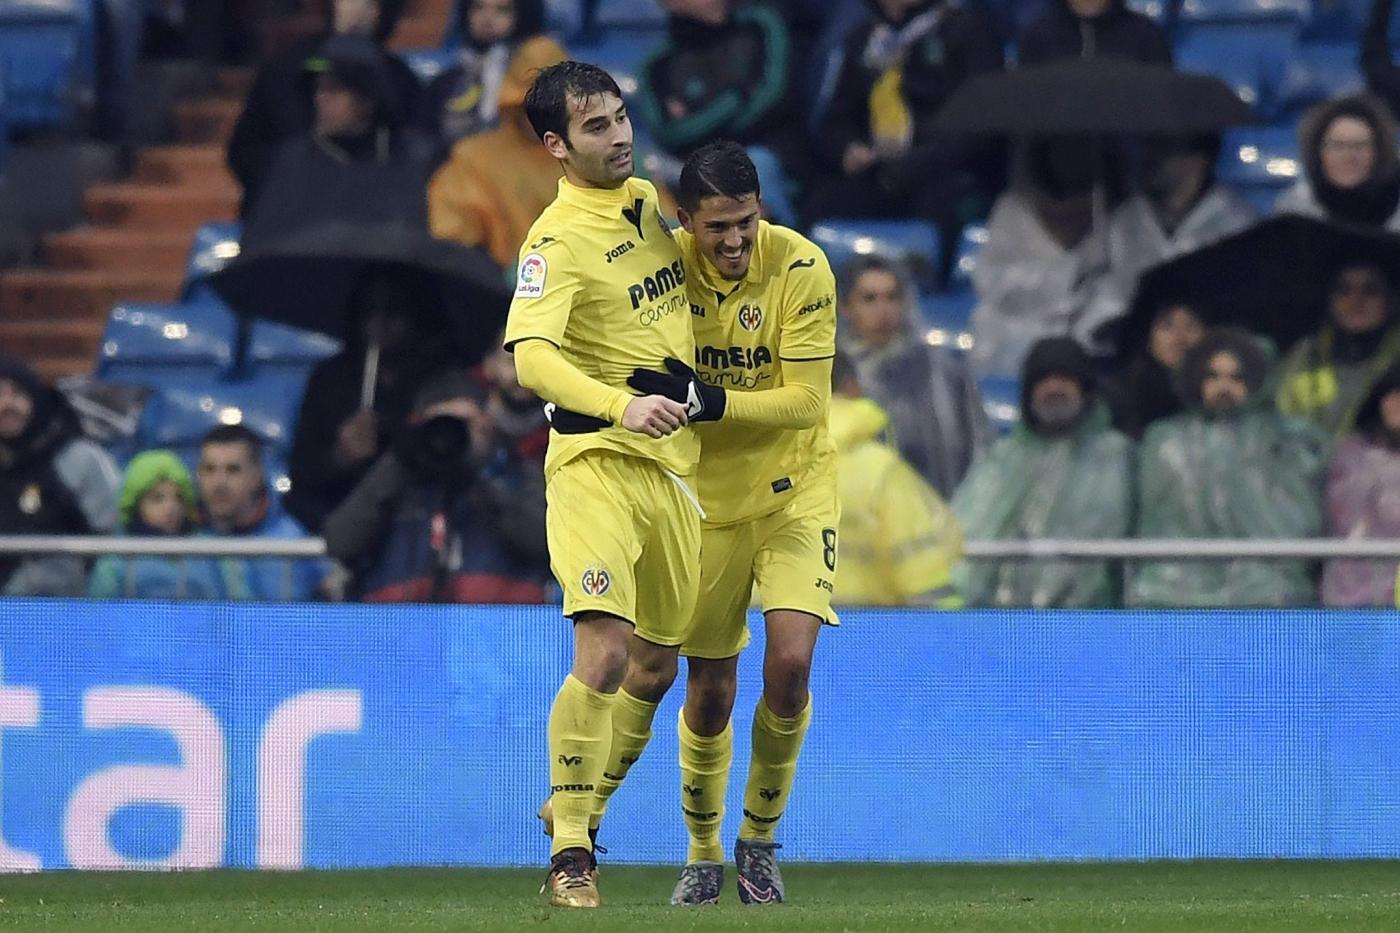 LaLiga, Villarreal-Levante domenica 4 novembre: analisi e pronostico dell'11ma giornata del campionato spagnolo